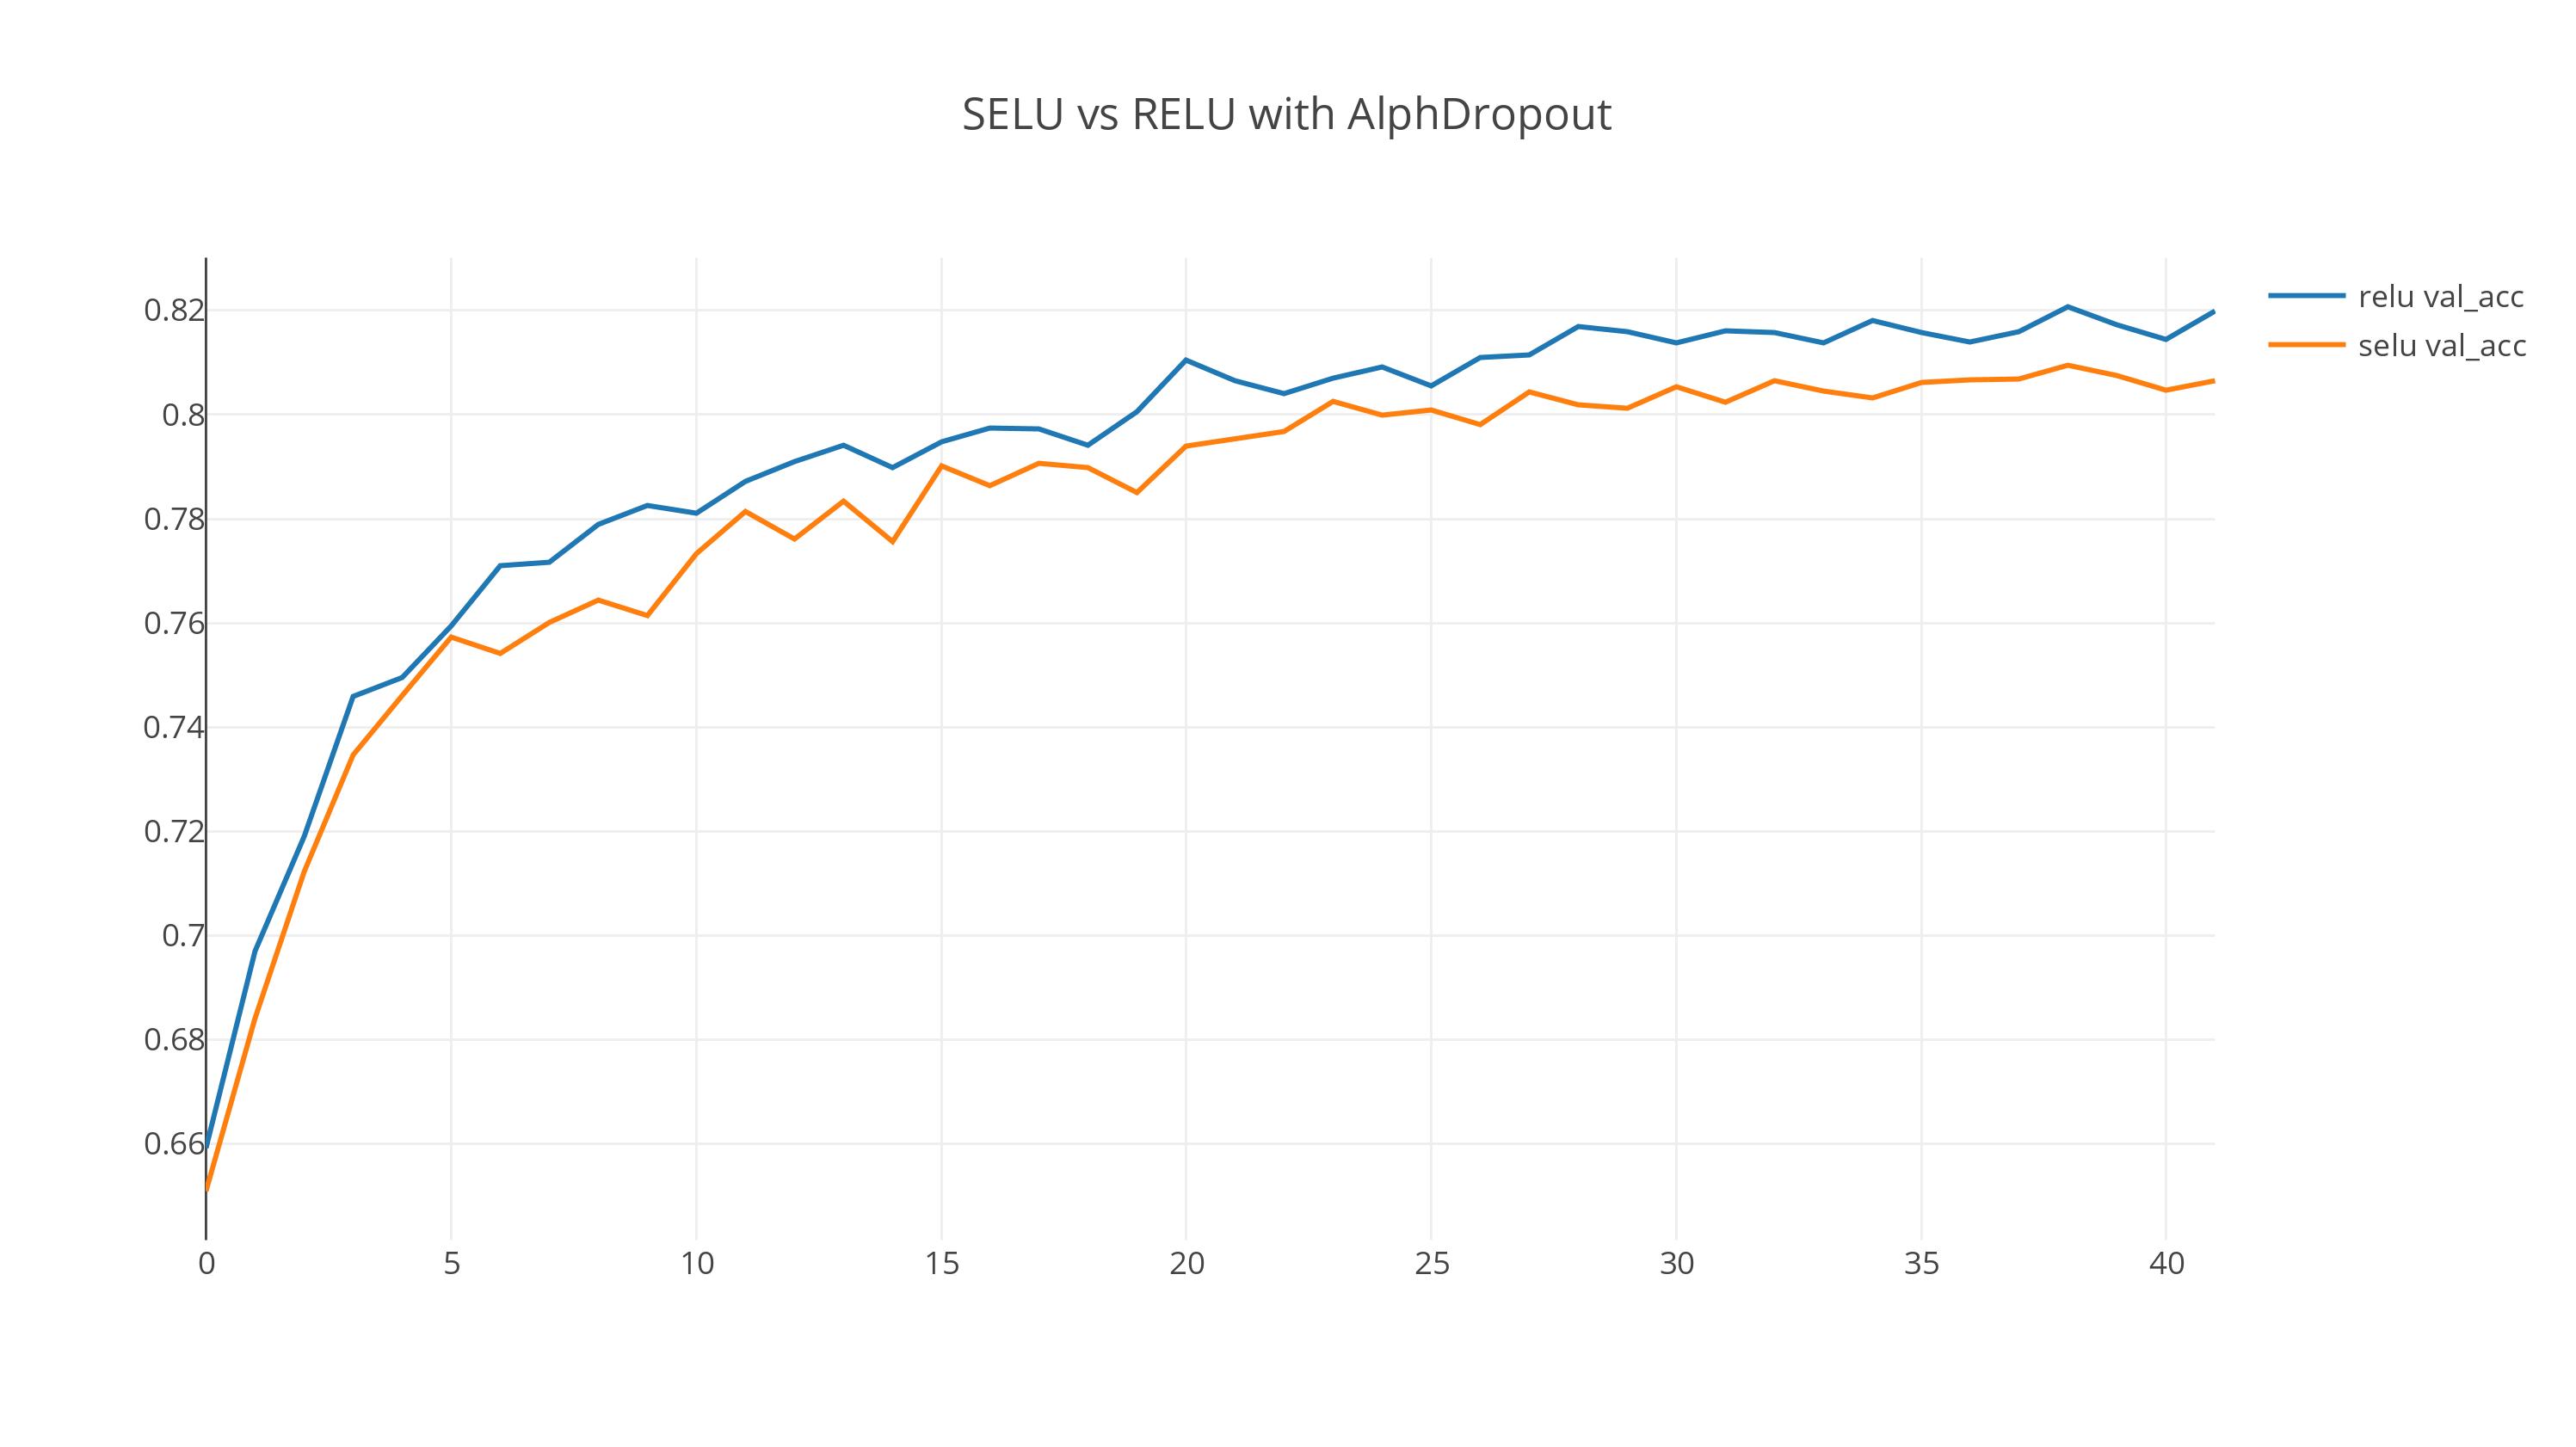 SELU vs RELU activation in simple NLP models | Hardik Patel